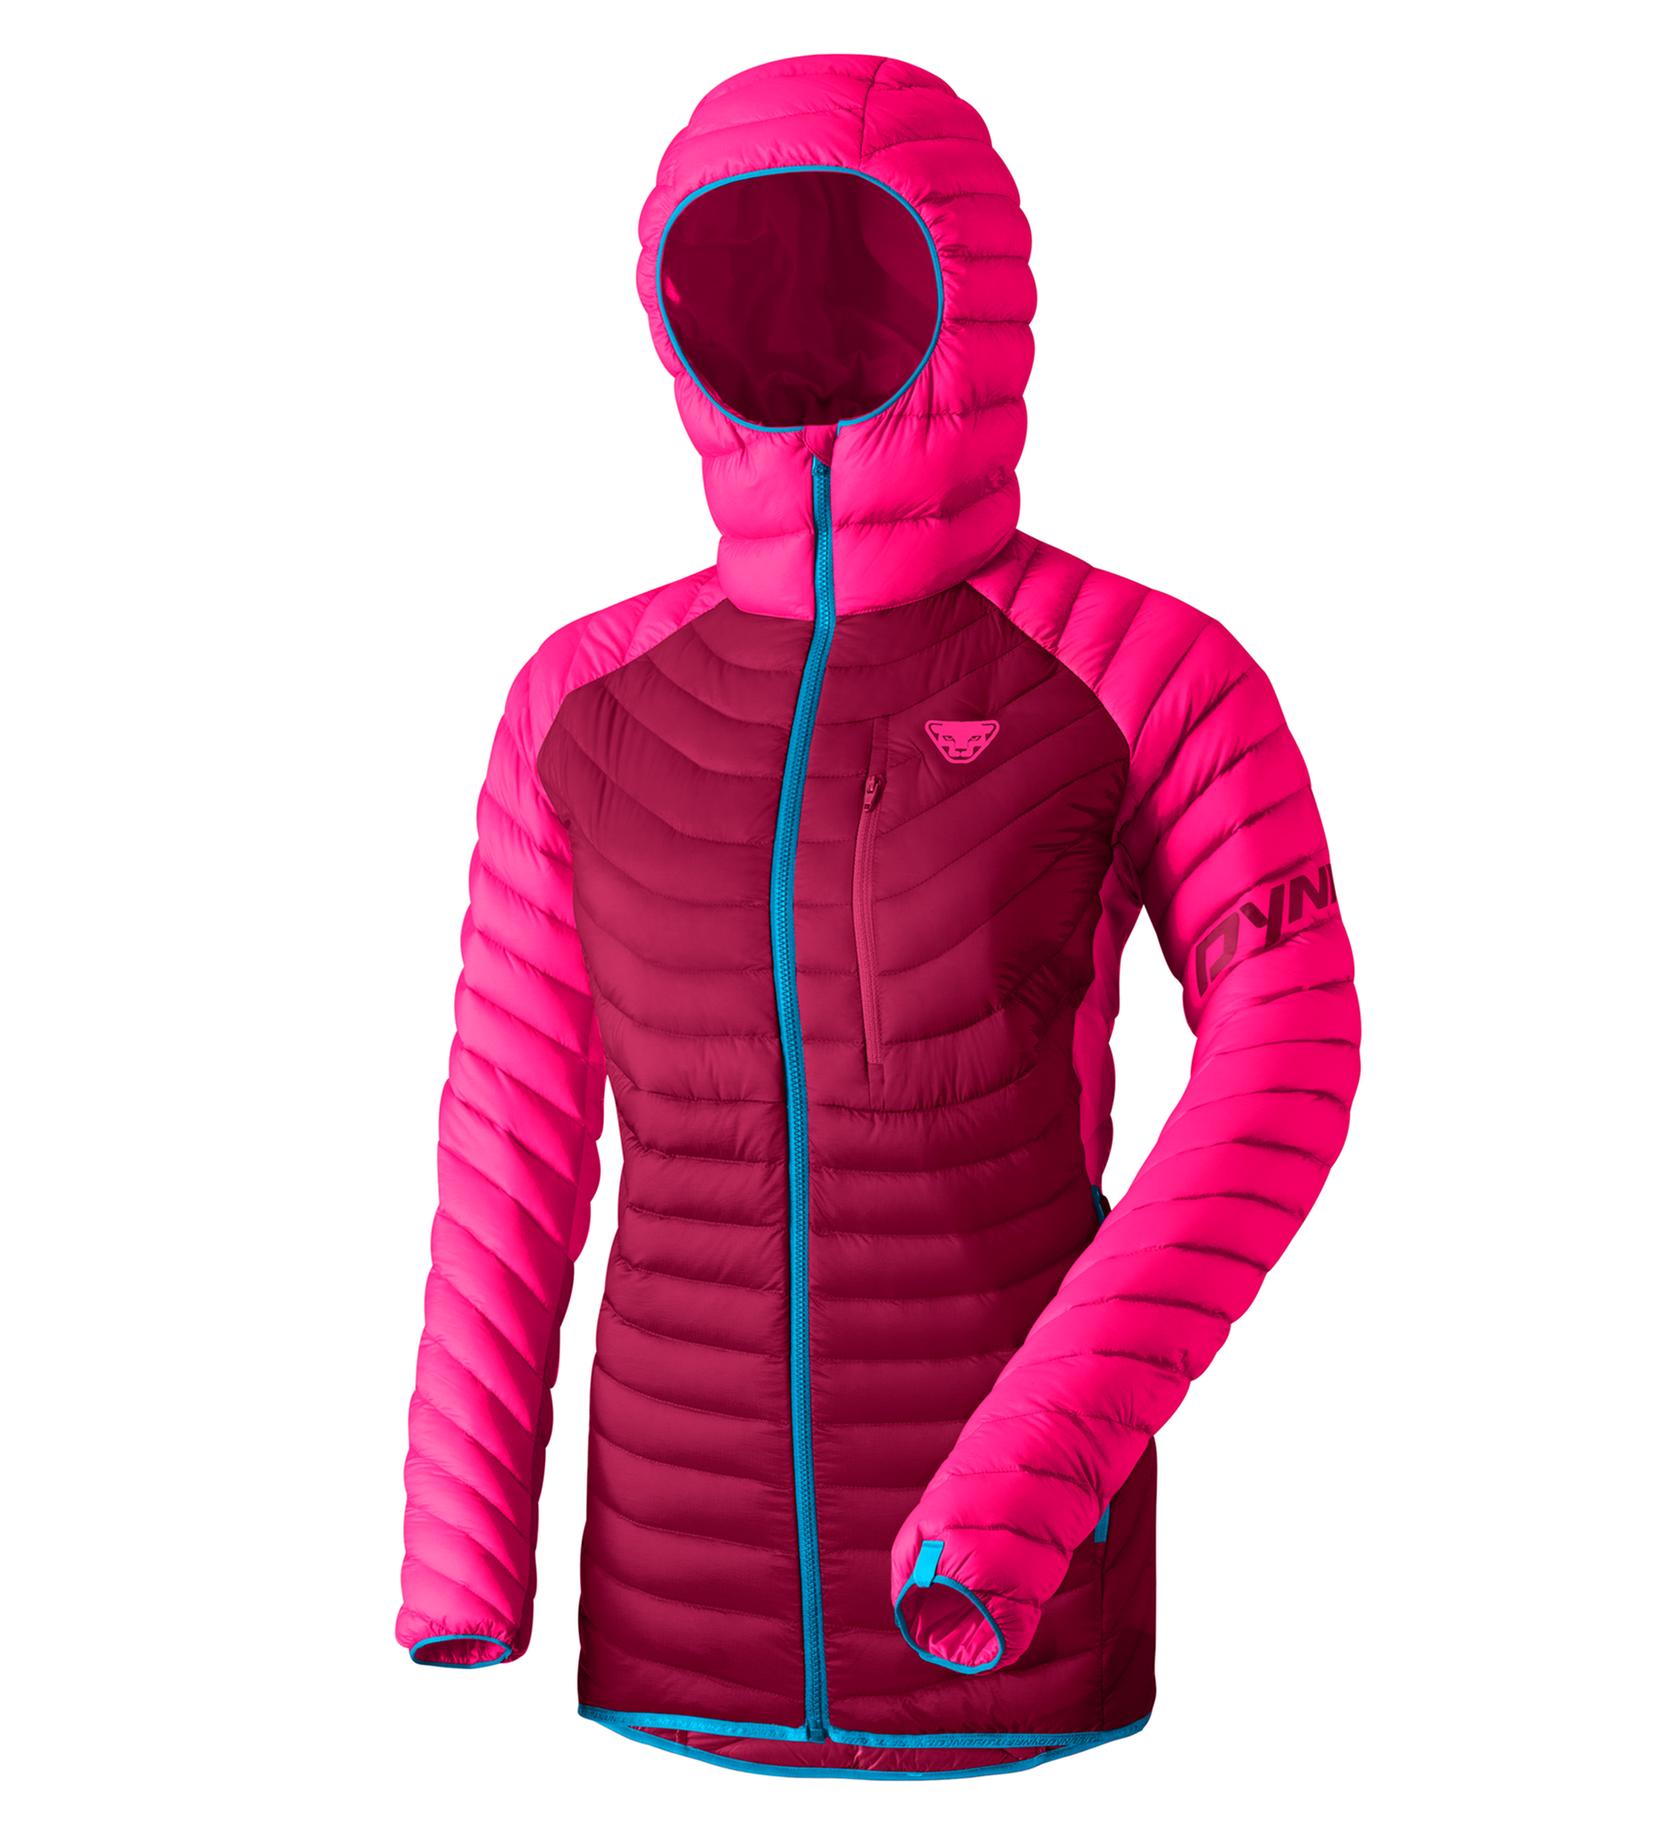 Dynafit Radical - Daunenjacke mit Kapuze Skitouring - Damen